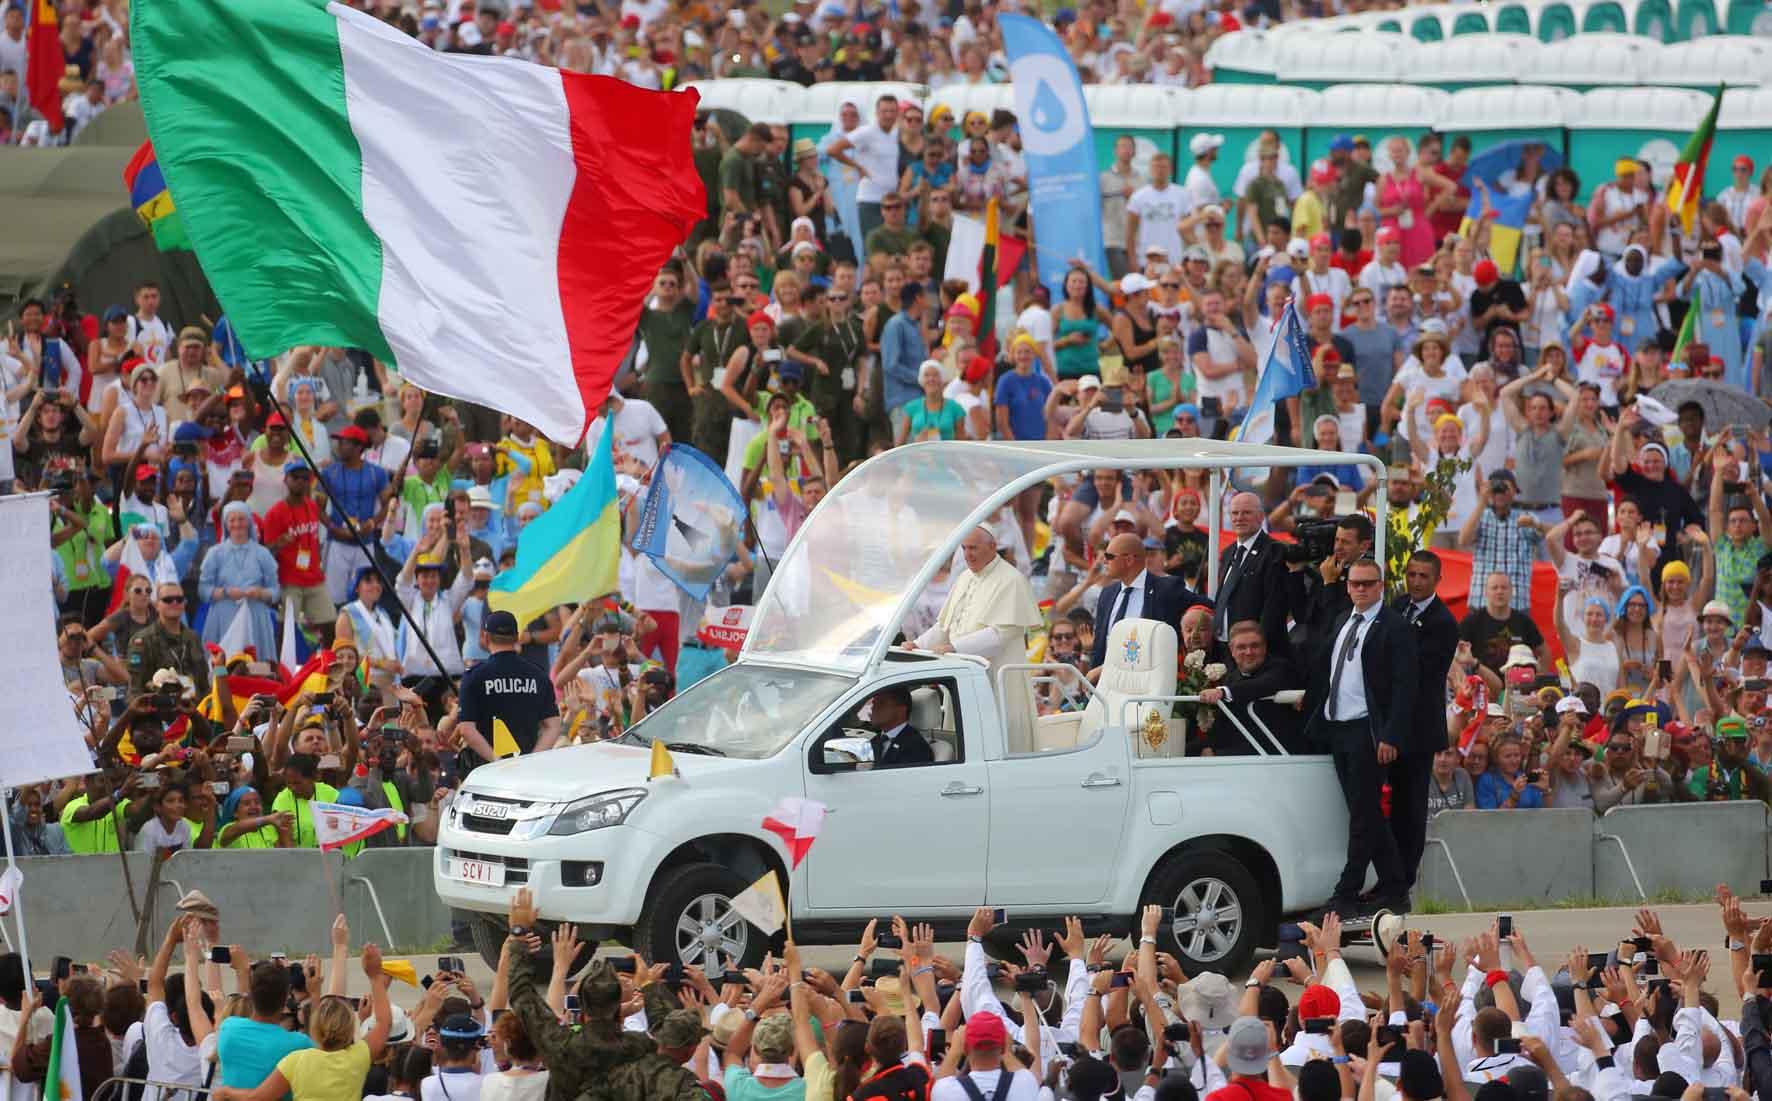 Cracovia 30 luglio 2016. GMG 2016 Papa Francesco alla Messa con i giovani